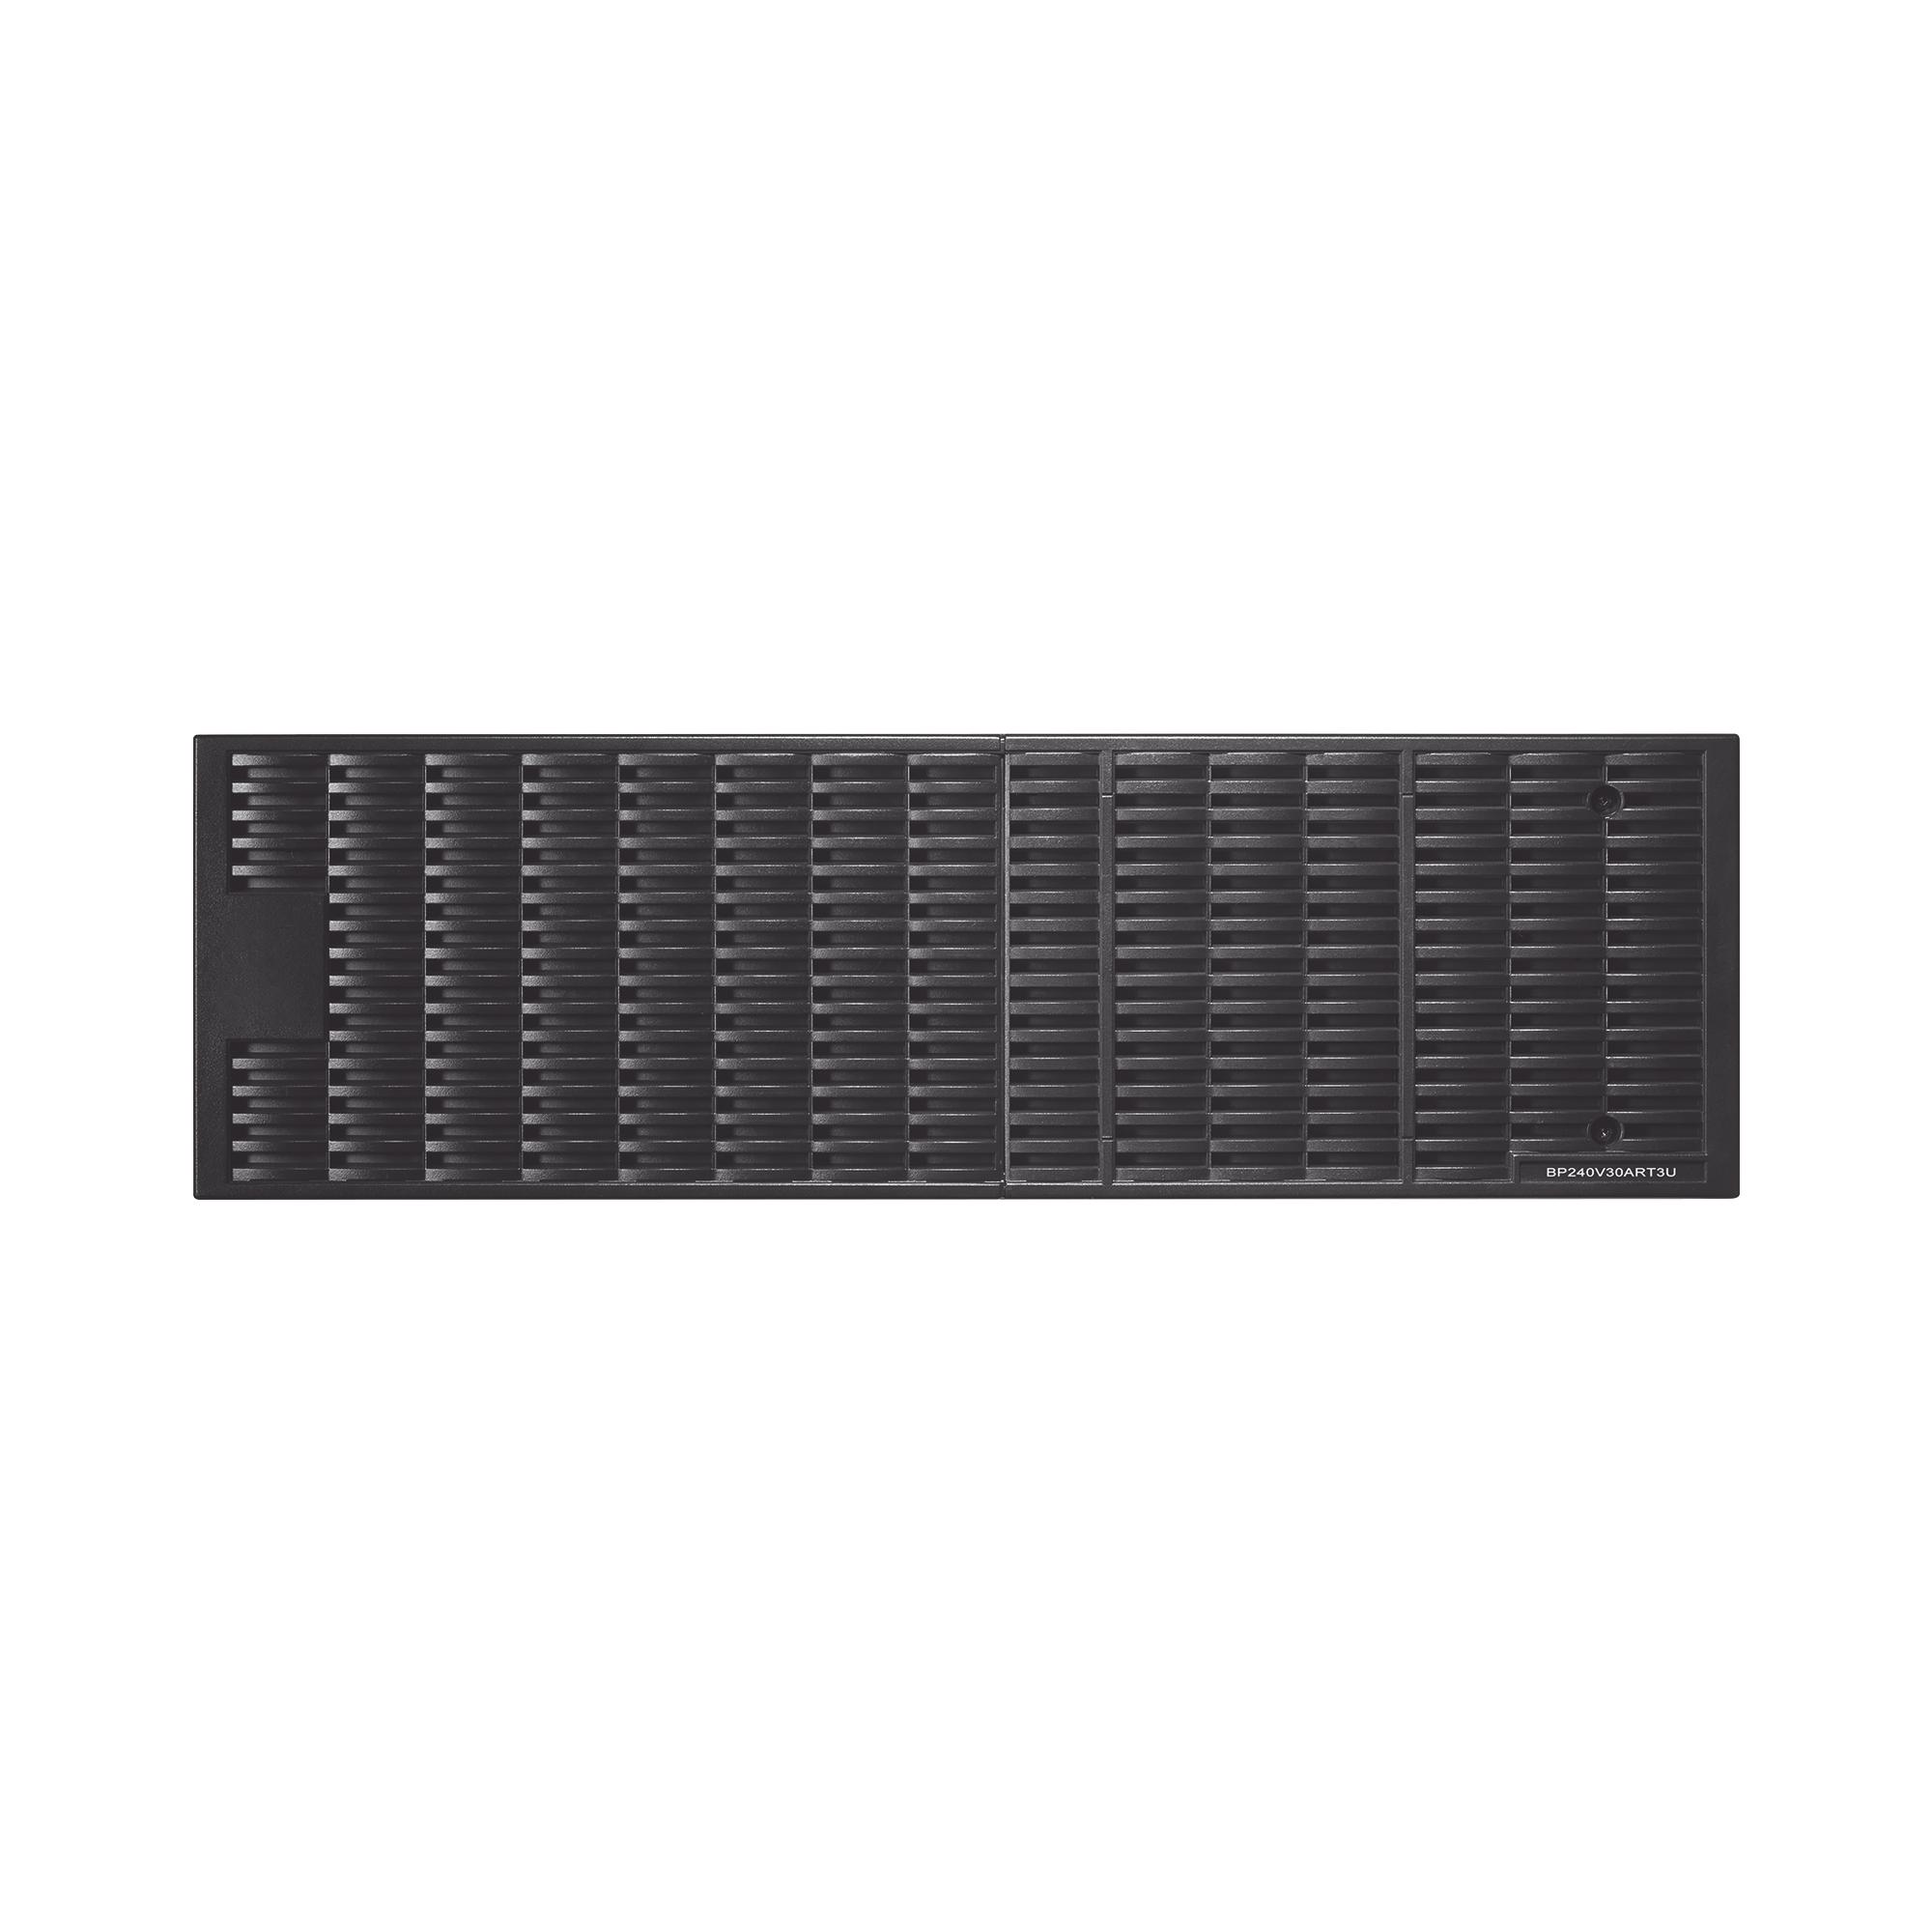 Módulo de Baterías Externas de 240V a 50 Amp, para Extensión de Tiempo de Respaldo, Para UPS Serie OL de 6 KVA a 10 KVA